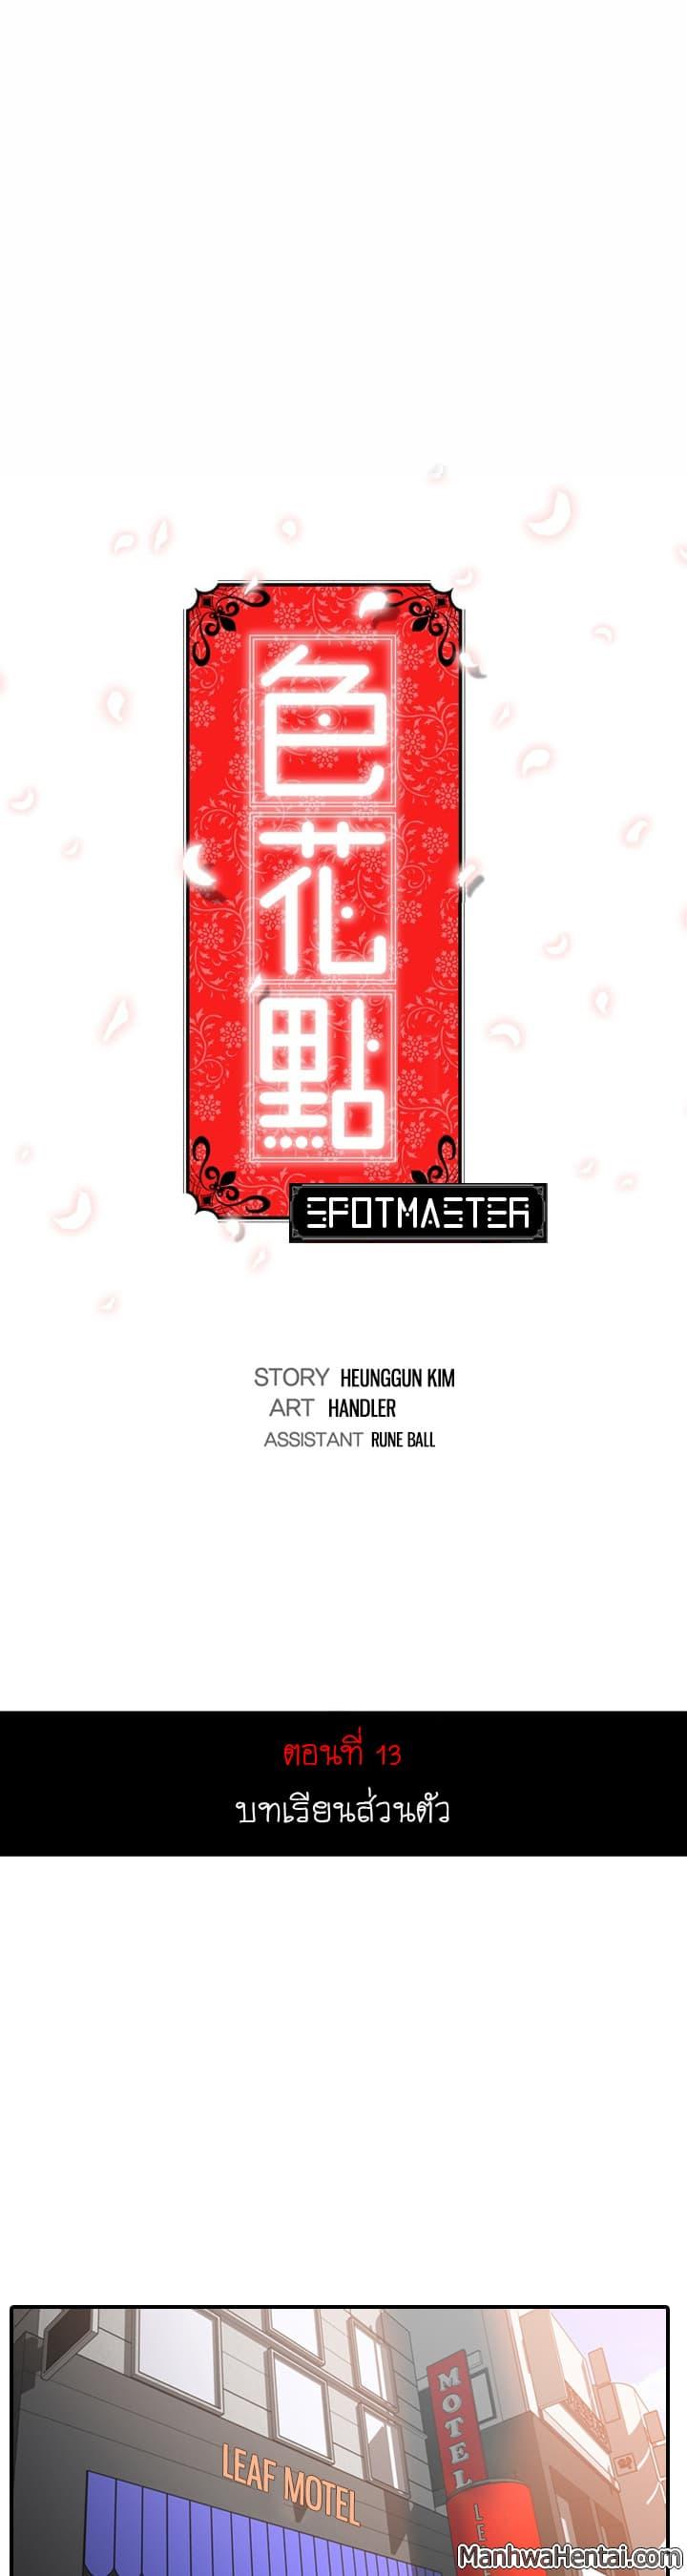 The Spot Master-ตอนที่ 13